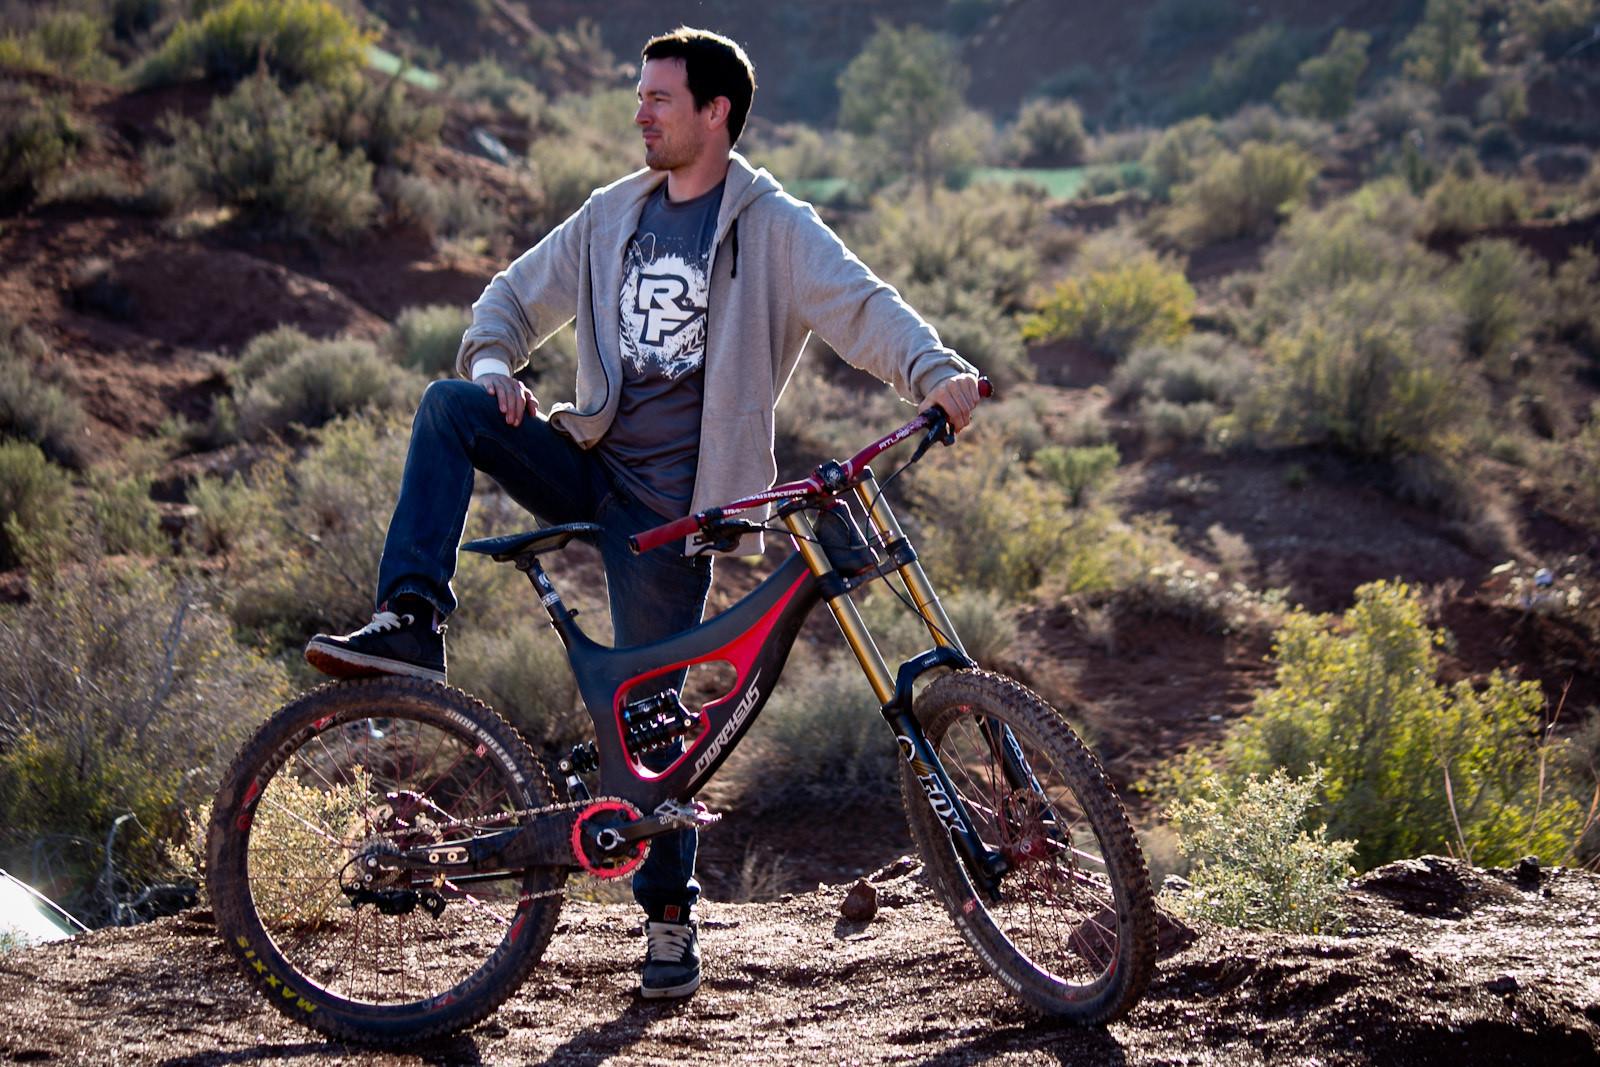 Rampage Pro Bike: Mitch Chubey's Prototype Morpheus Carbon DH - Rampage Pro Bike: Mitch Chubey's Prototype Morpheus Carbon DH - Mountain Biking Pictures - Vital MTB